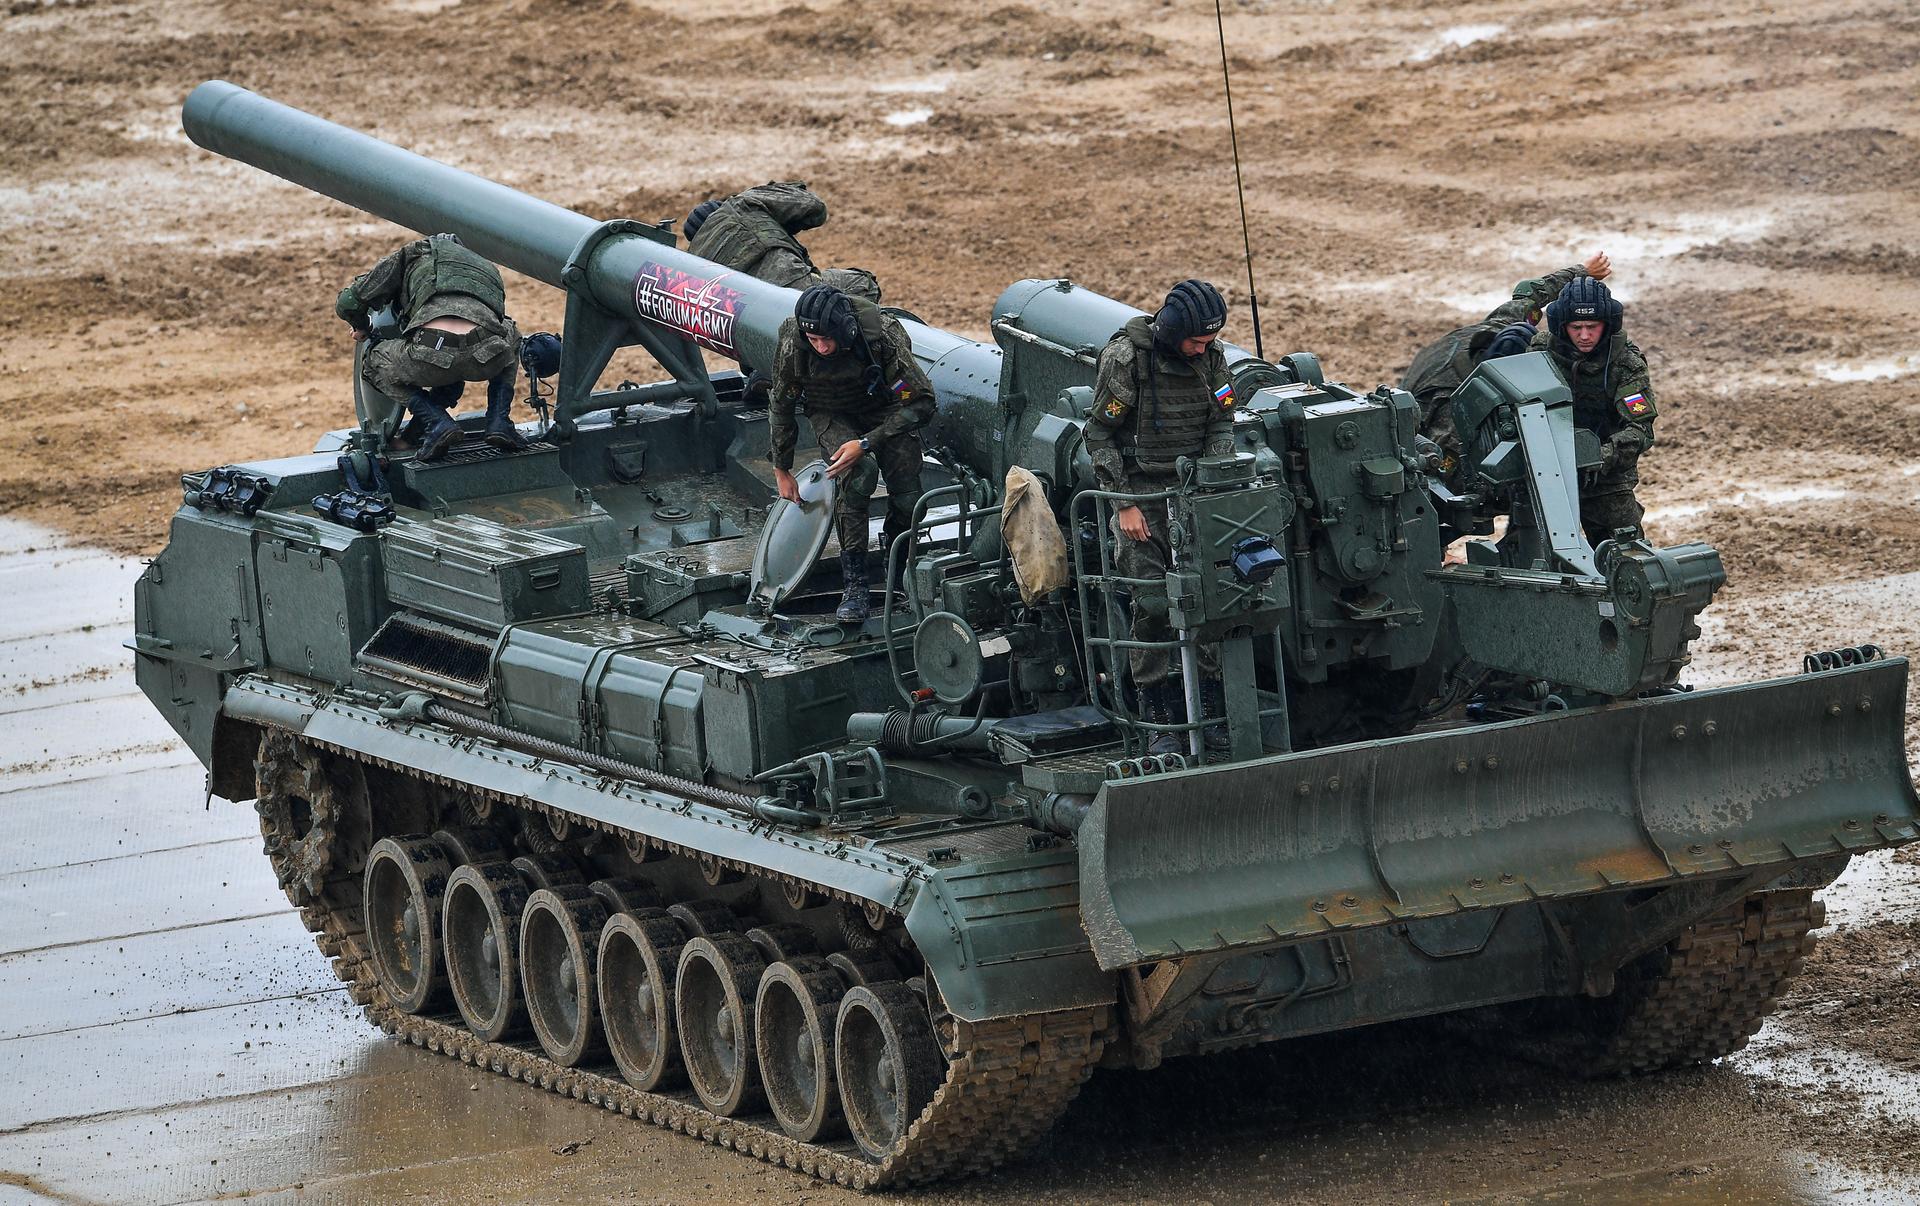 Безбашенная «малка»: как россия модернизирует сверхмощную пушку времён холодной войны — рт на русском